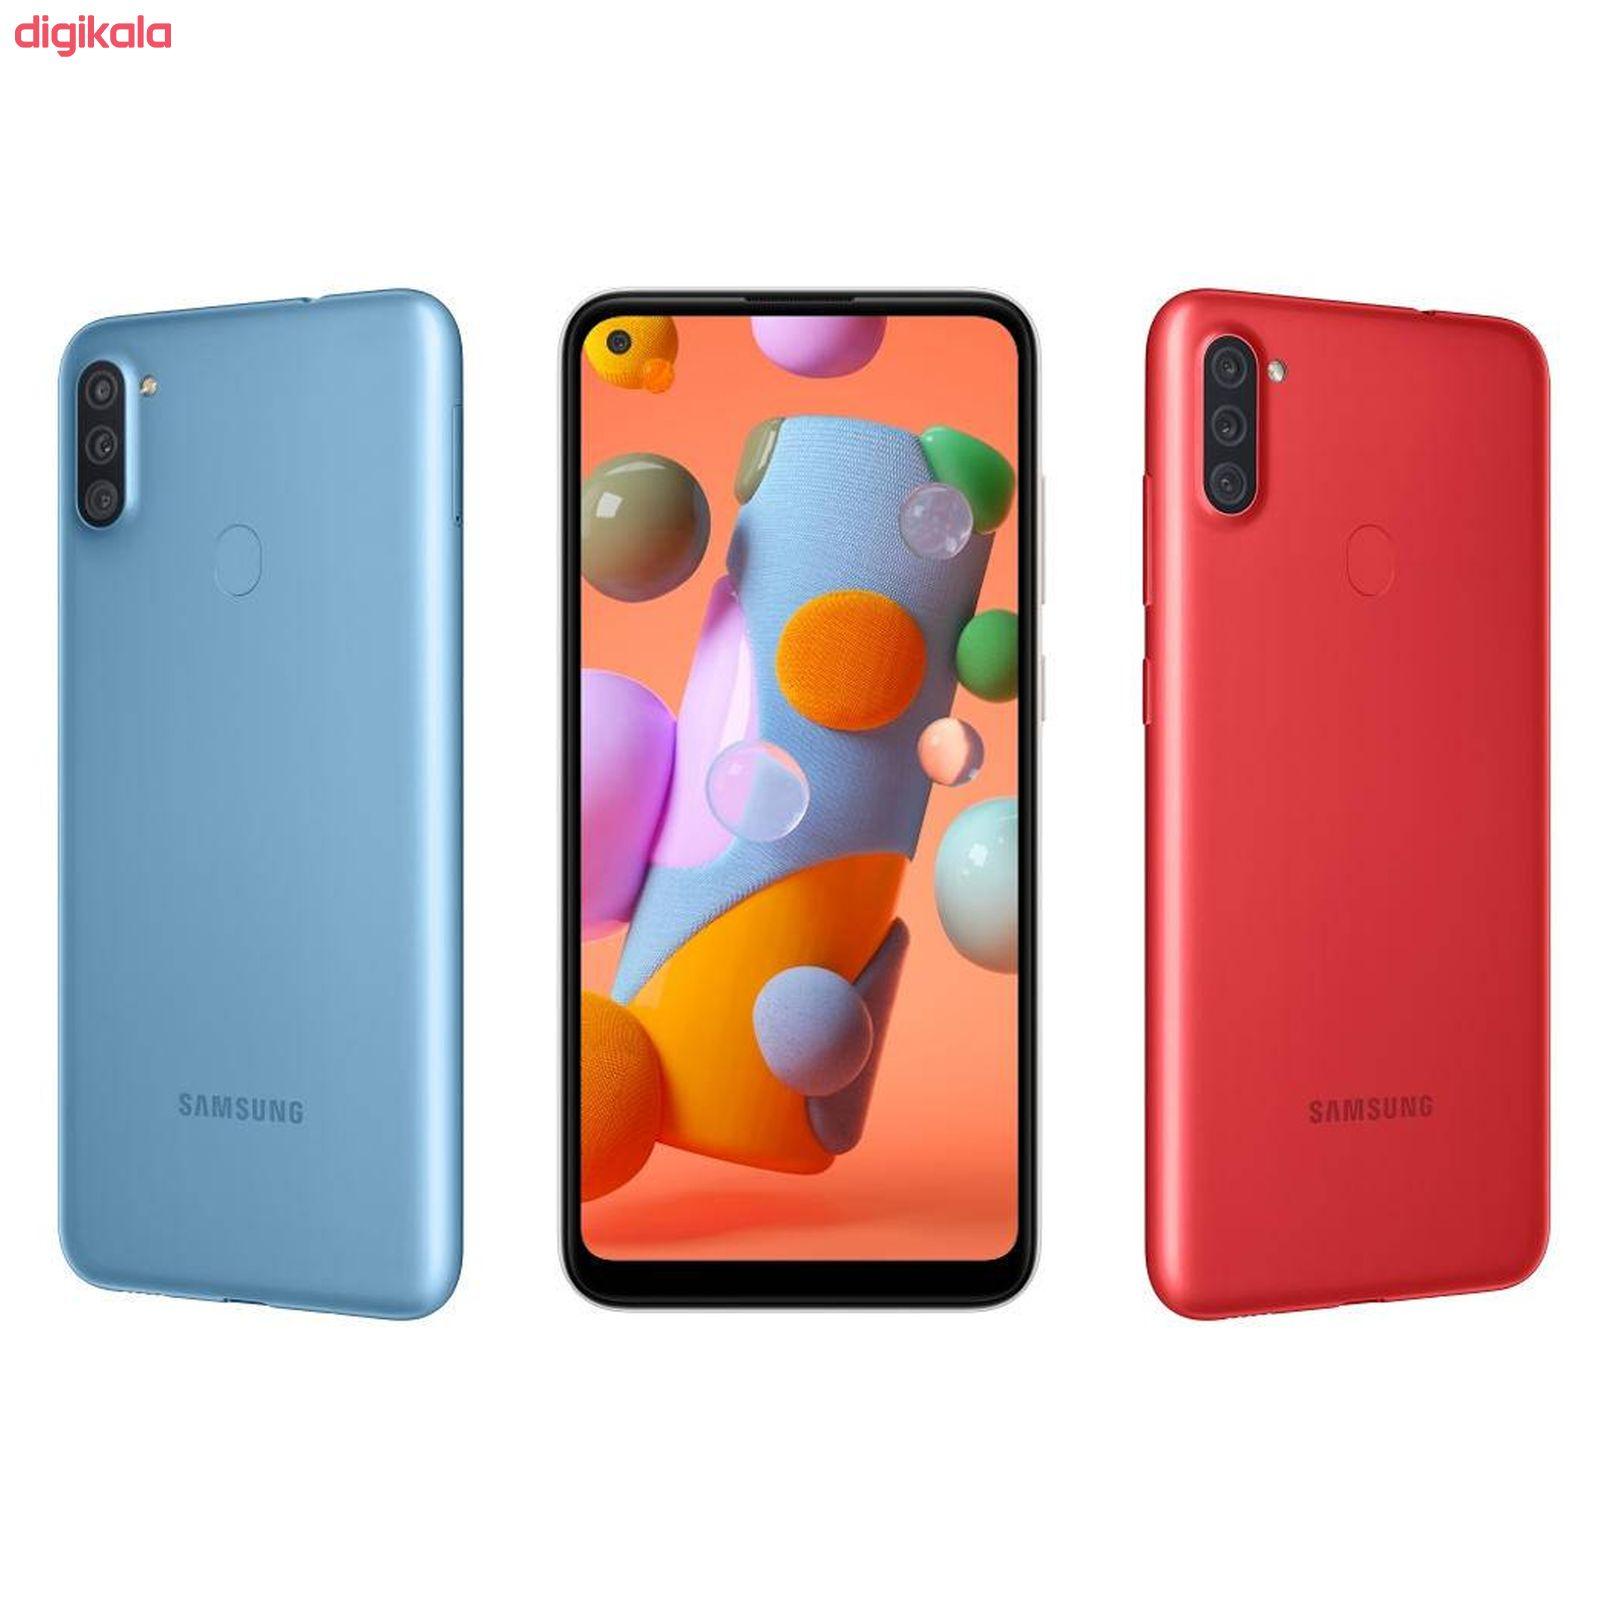 گوشی موبایل سامسونگ مدل Galaxy A11 SM-A115F/DS دو سیم کارت ظرفیت 32 گیگابایت با 3 گیگابایت رم main 1 3